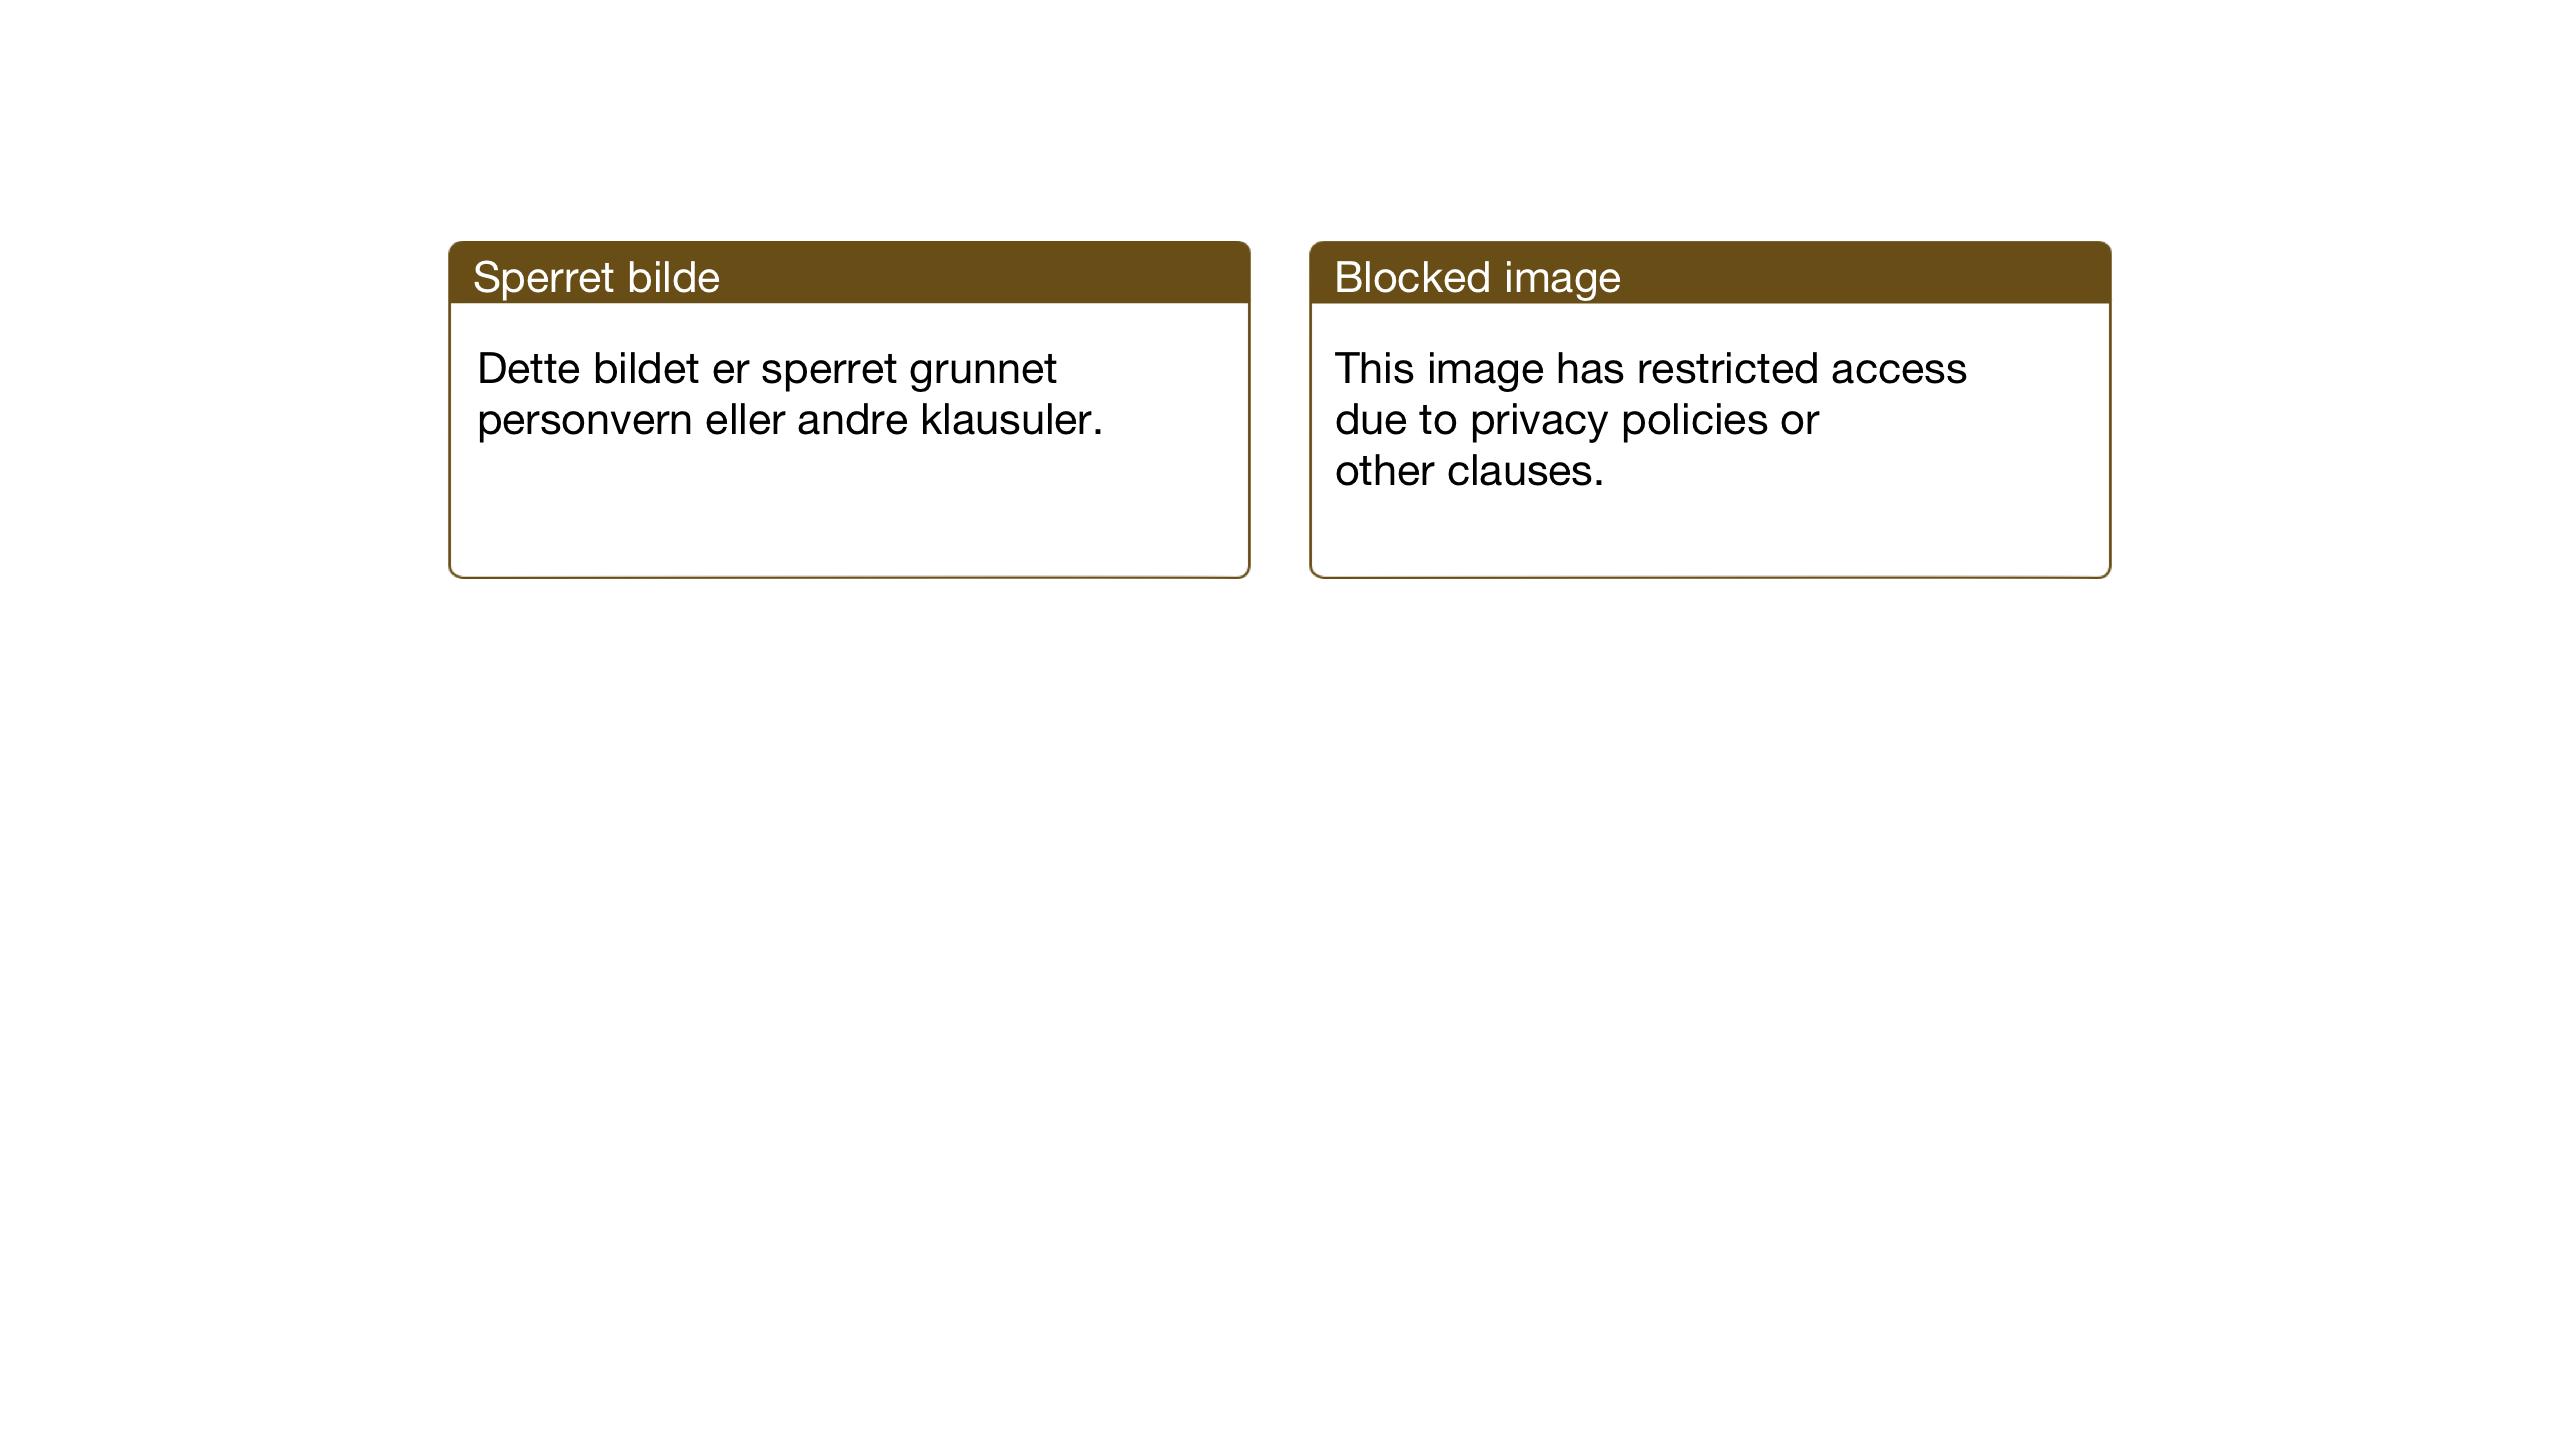 SAT, Ministerialprotokoller, klokkerbøker og fødselsregistre - Nord-Trøndelag, 744/L0425: Klokkerbok nr. 744C04, 1924-1947, s. 18